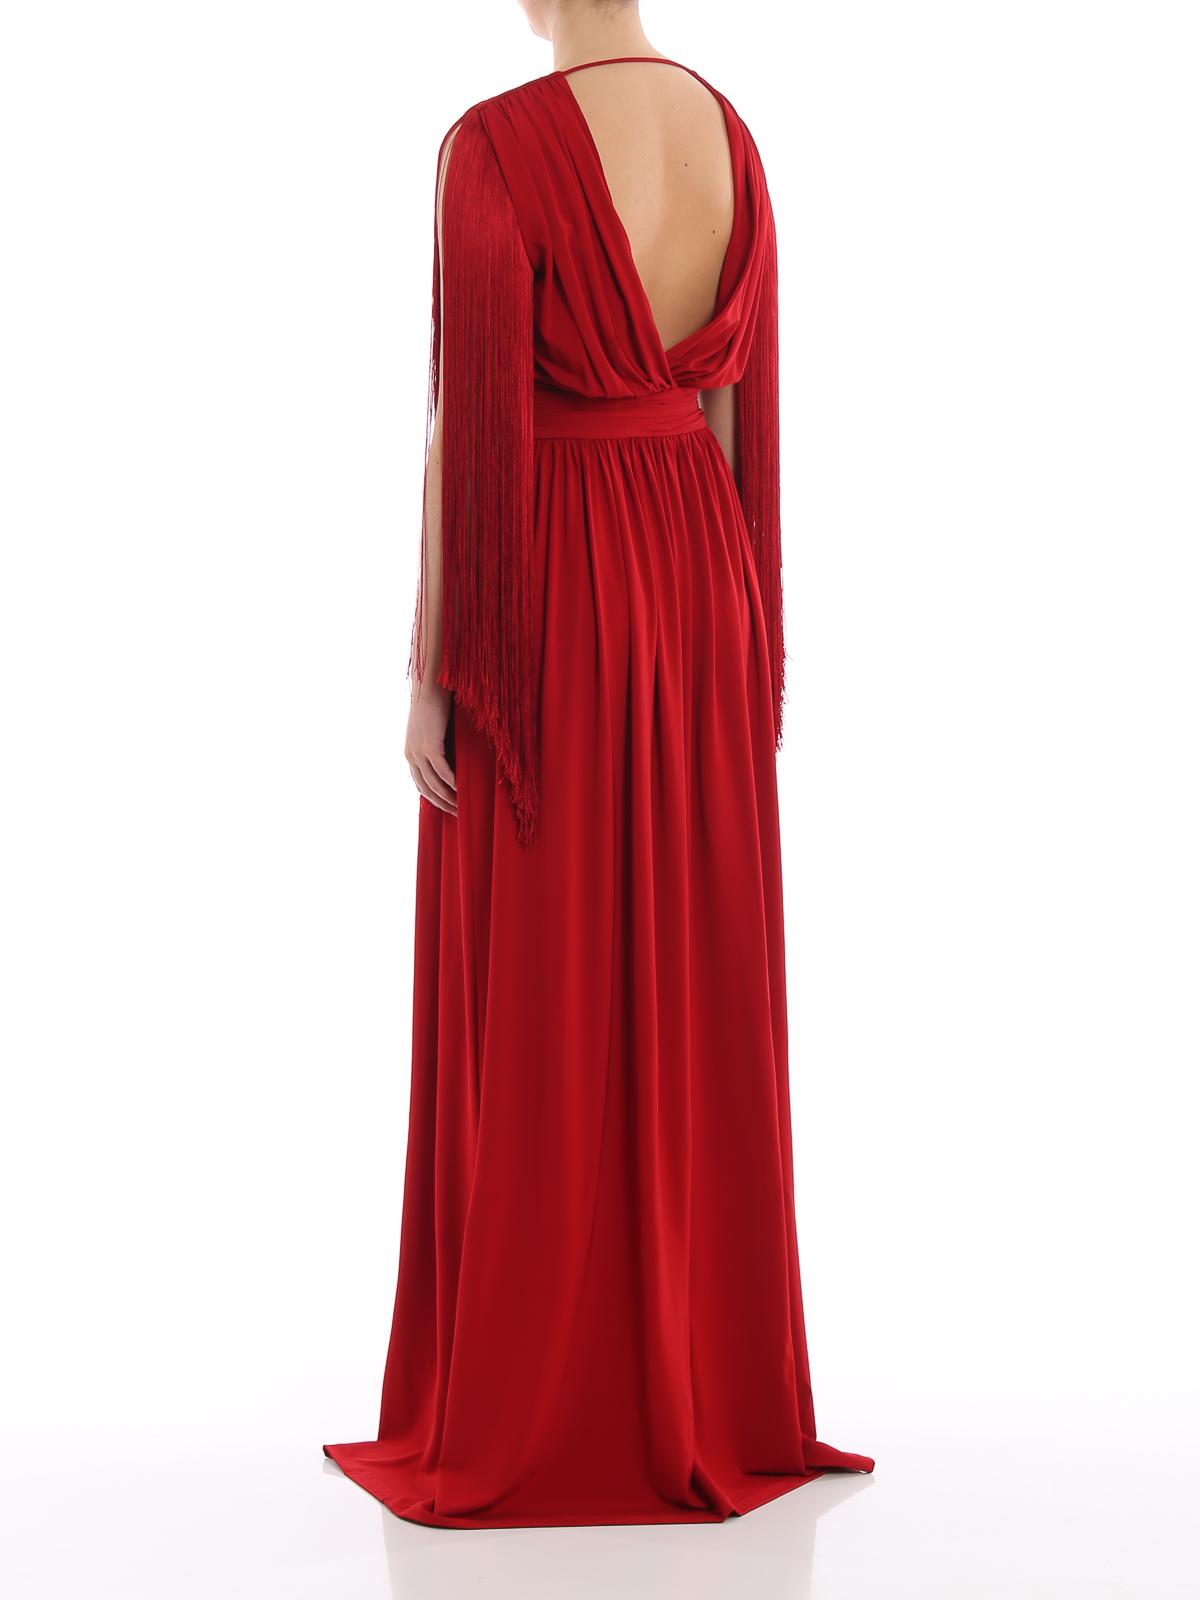 bbbf0d12c34c Alberta Ferretti - Abito lungo rosso in viscosa con frange - abiti ...